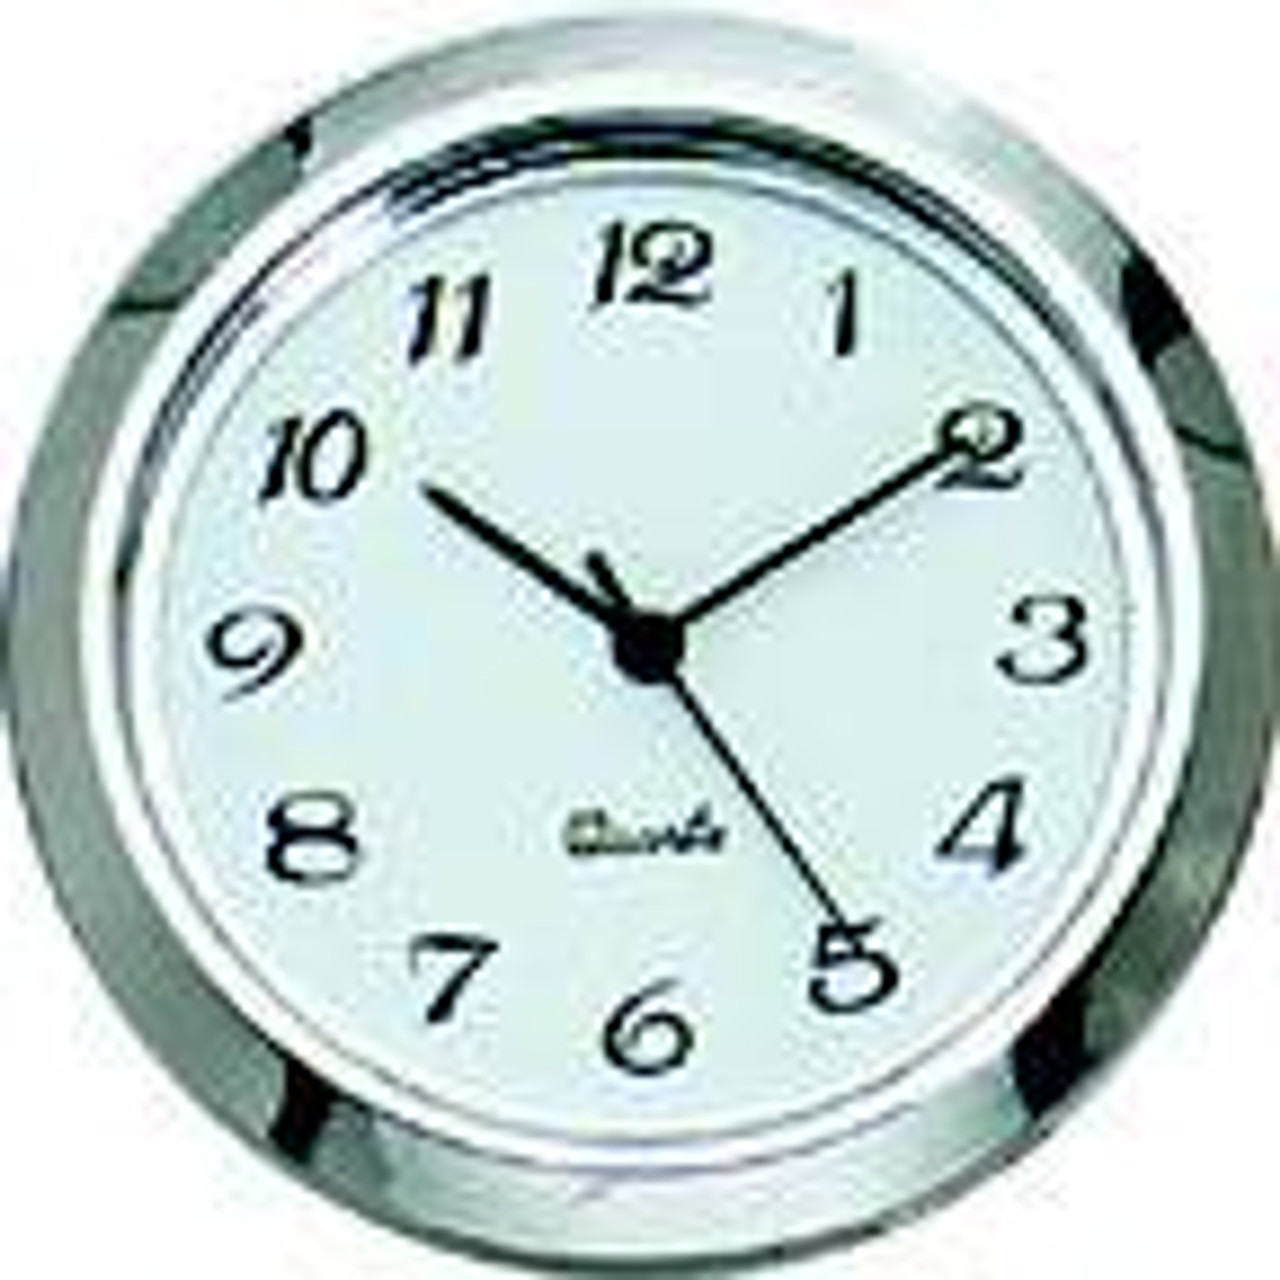 1-7/16 (36mm) Chrome Bezel White Face Arabic Clock Insert/Fit Up